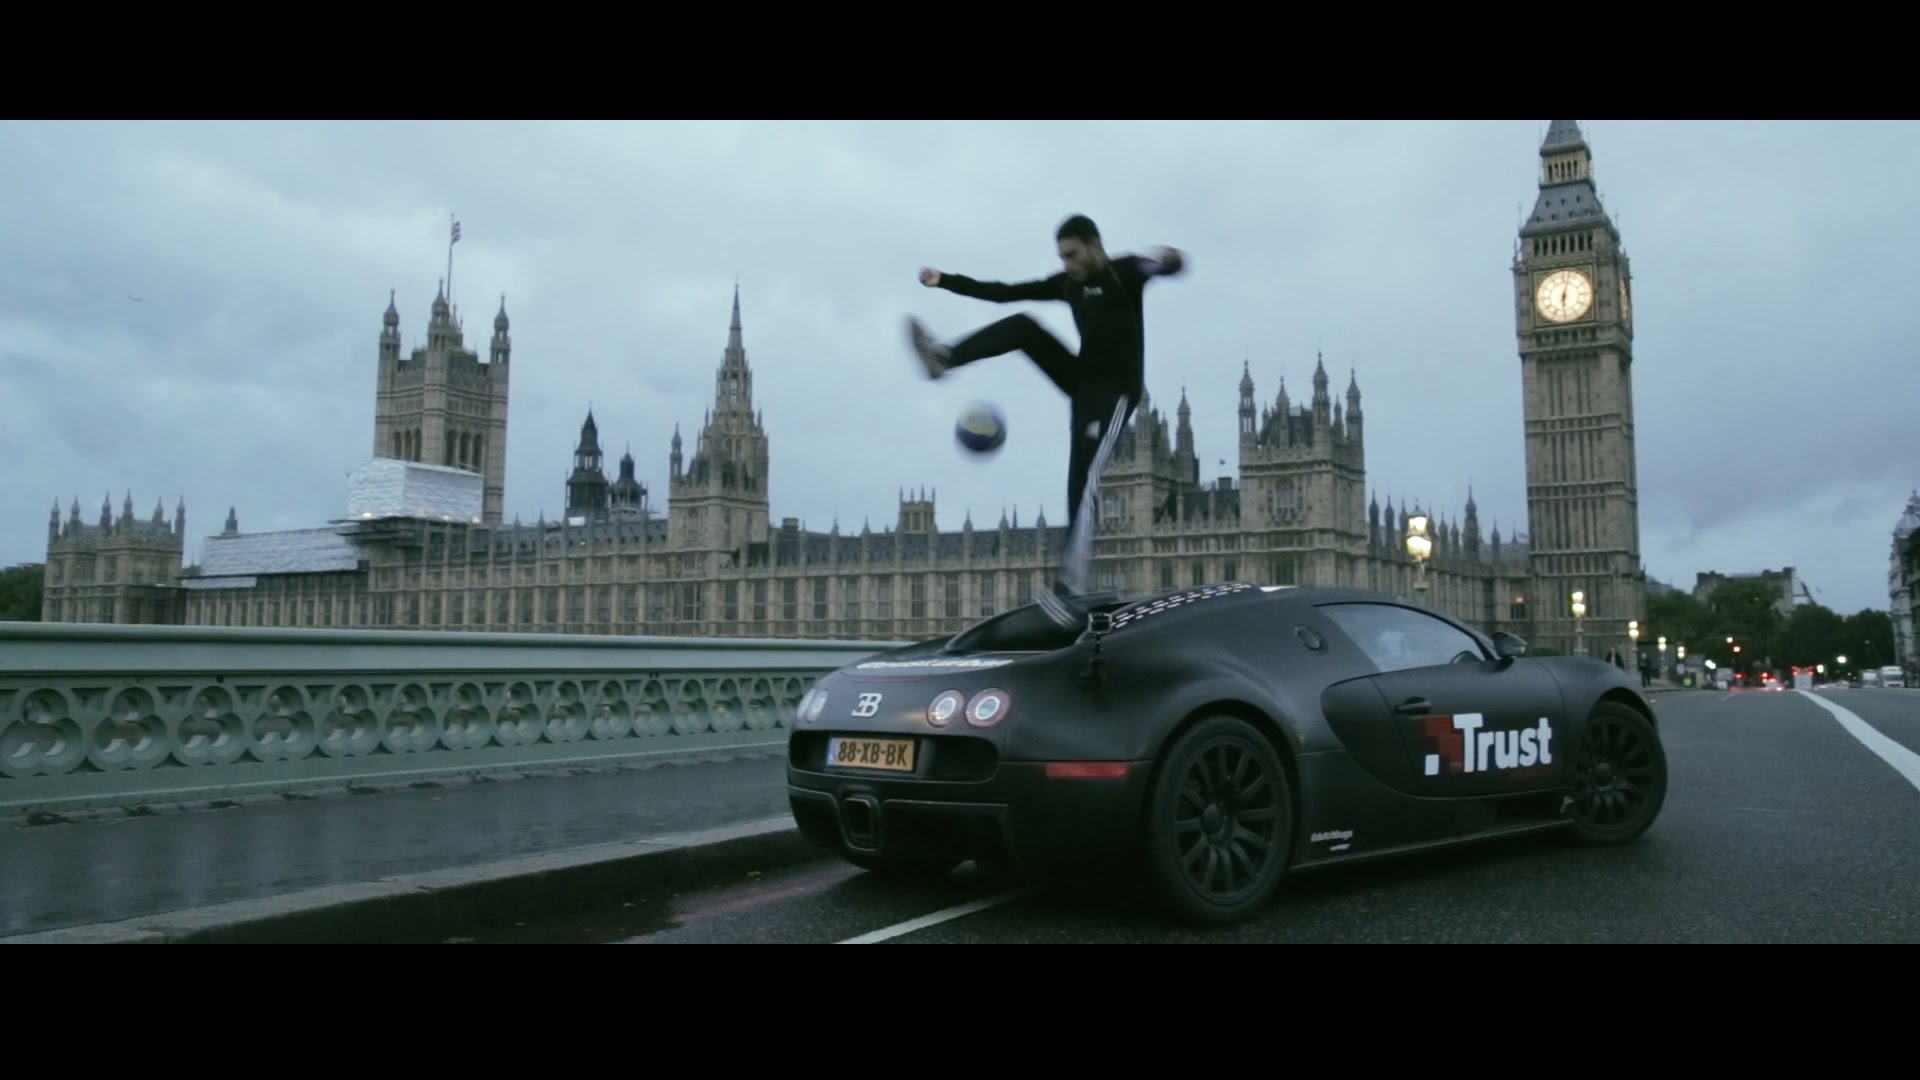 Vratolomije nogometnom loptom na Bugatti Veyronu